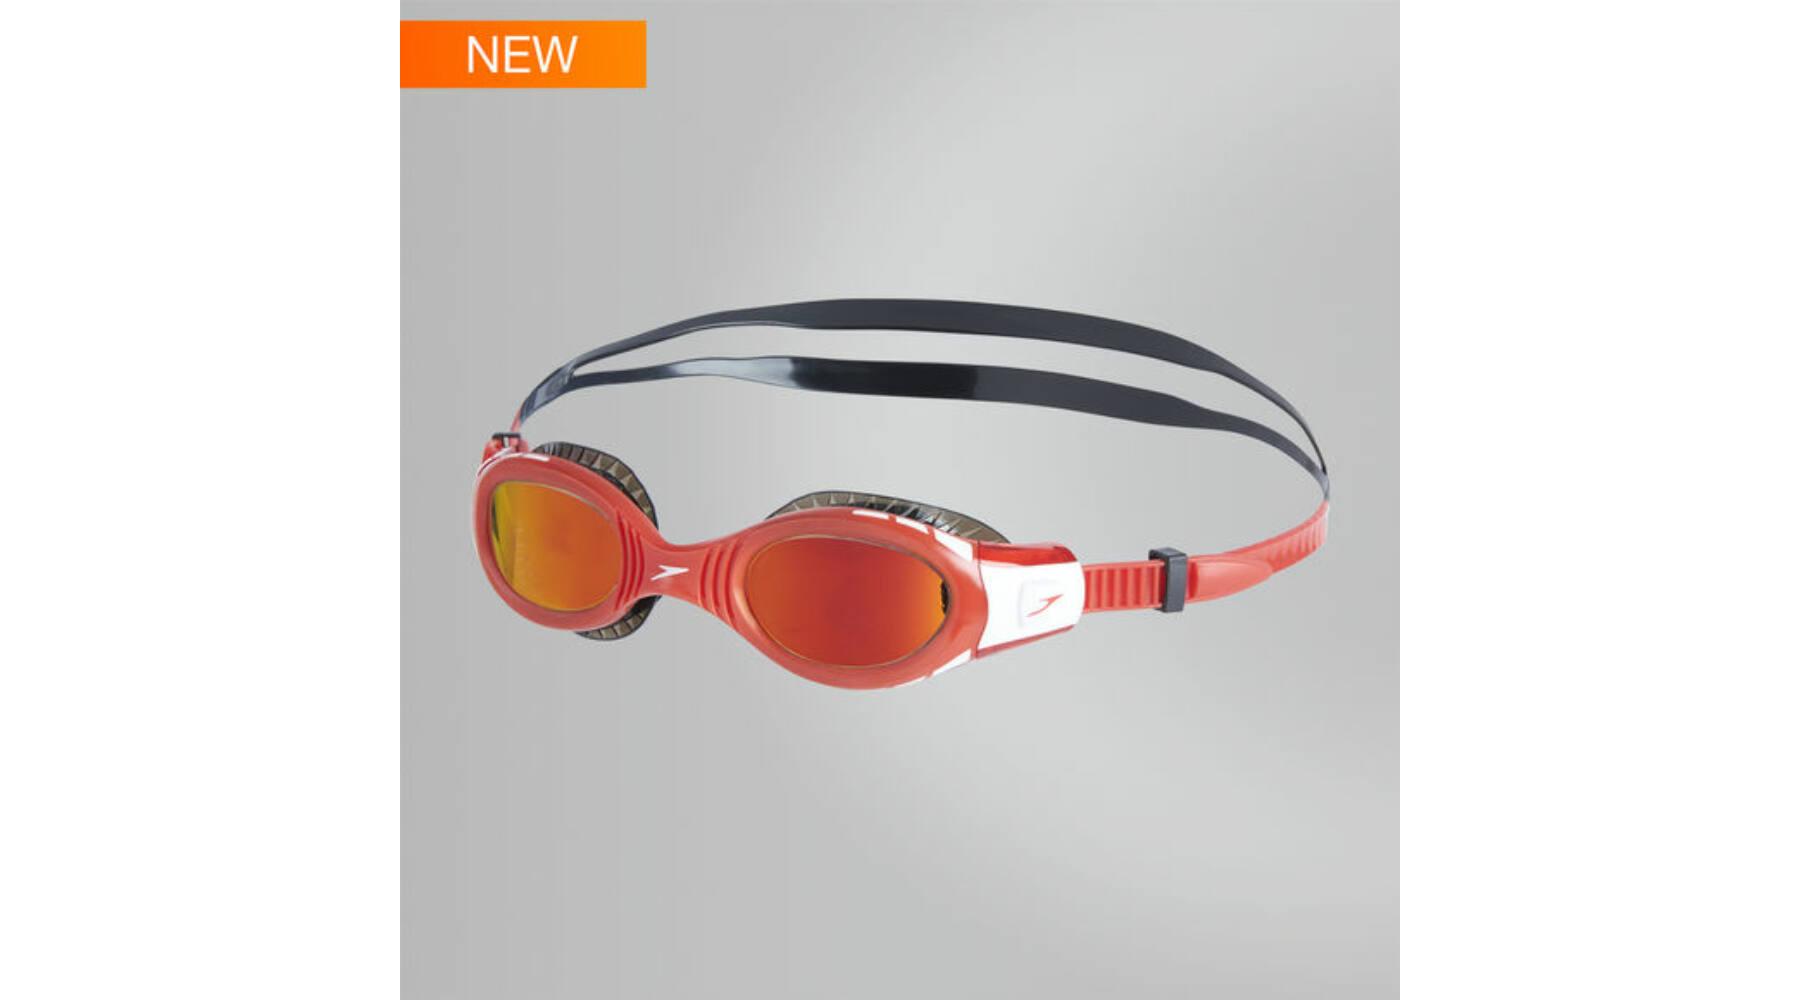 Speedo Futura Biofuse Flexiseal Mirror úszószemüveg junior 6-14 éves korig 132b393bb8